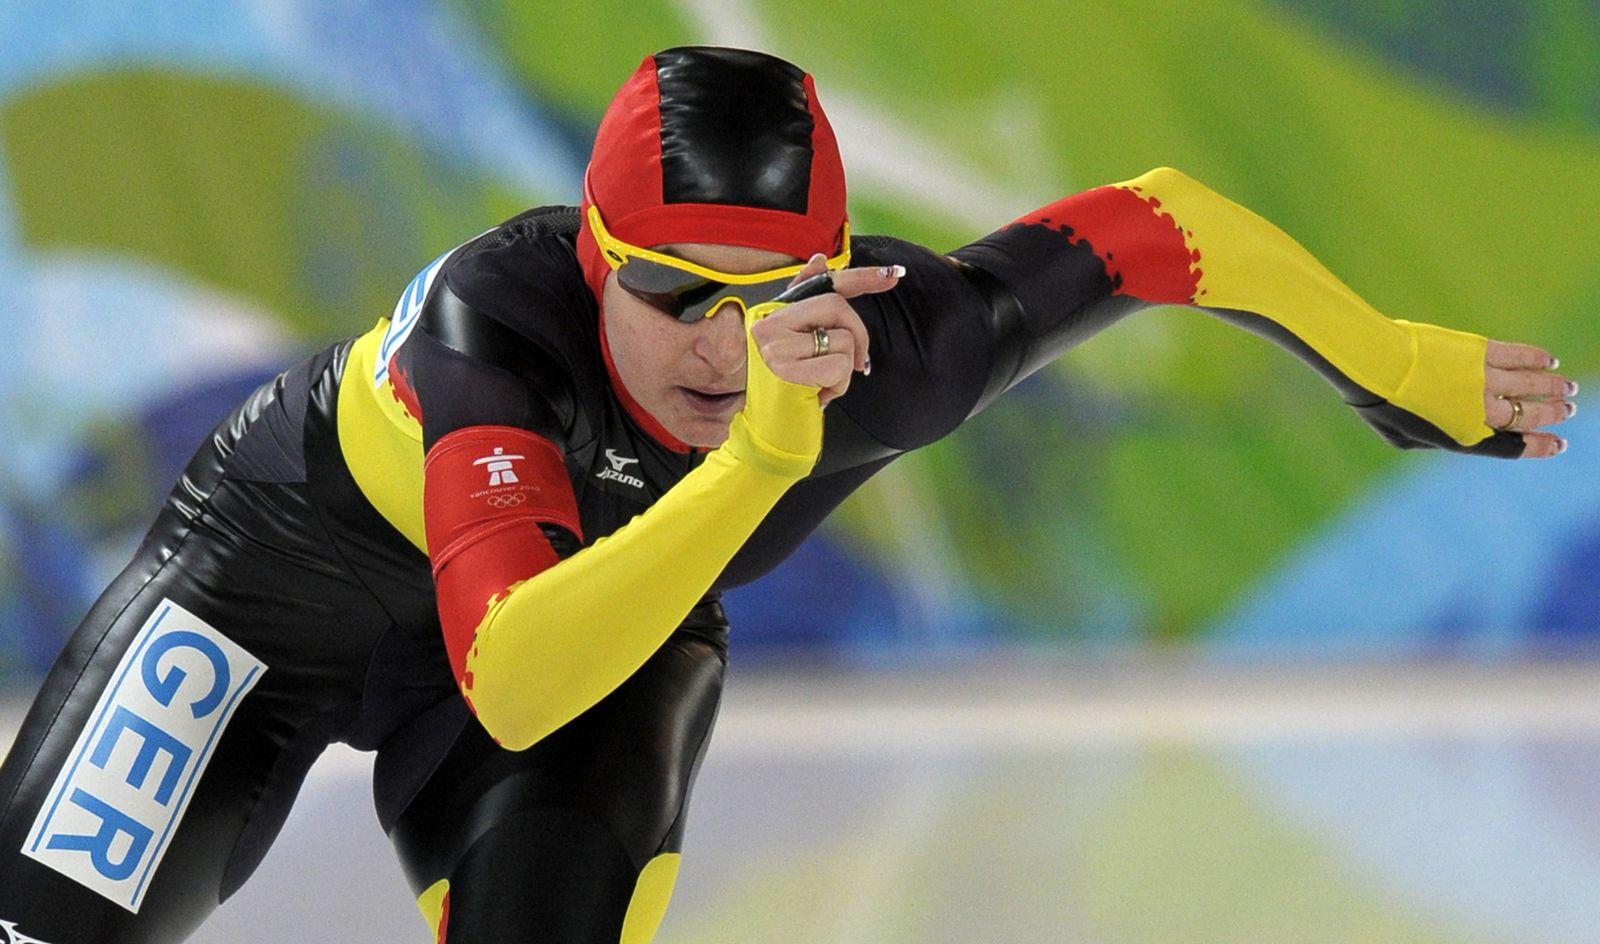 NICHT VERWENDEN XXI. Olympische Winterspiele